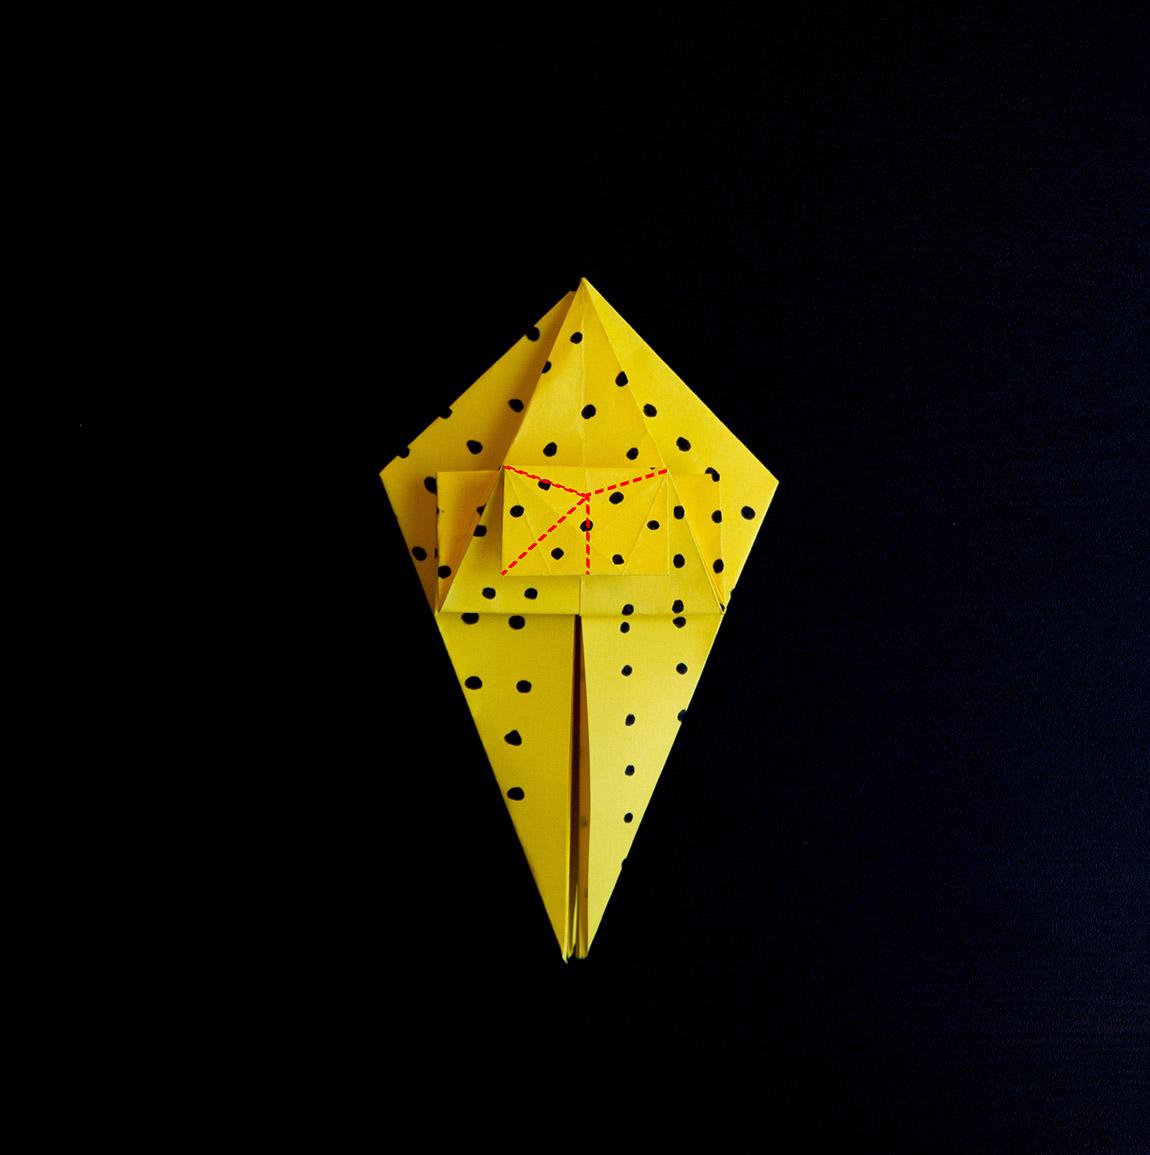 Pince pour créer un triangle derrière